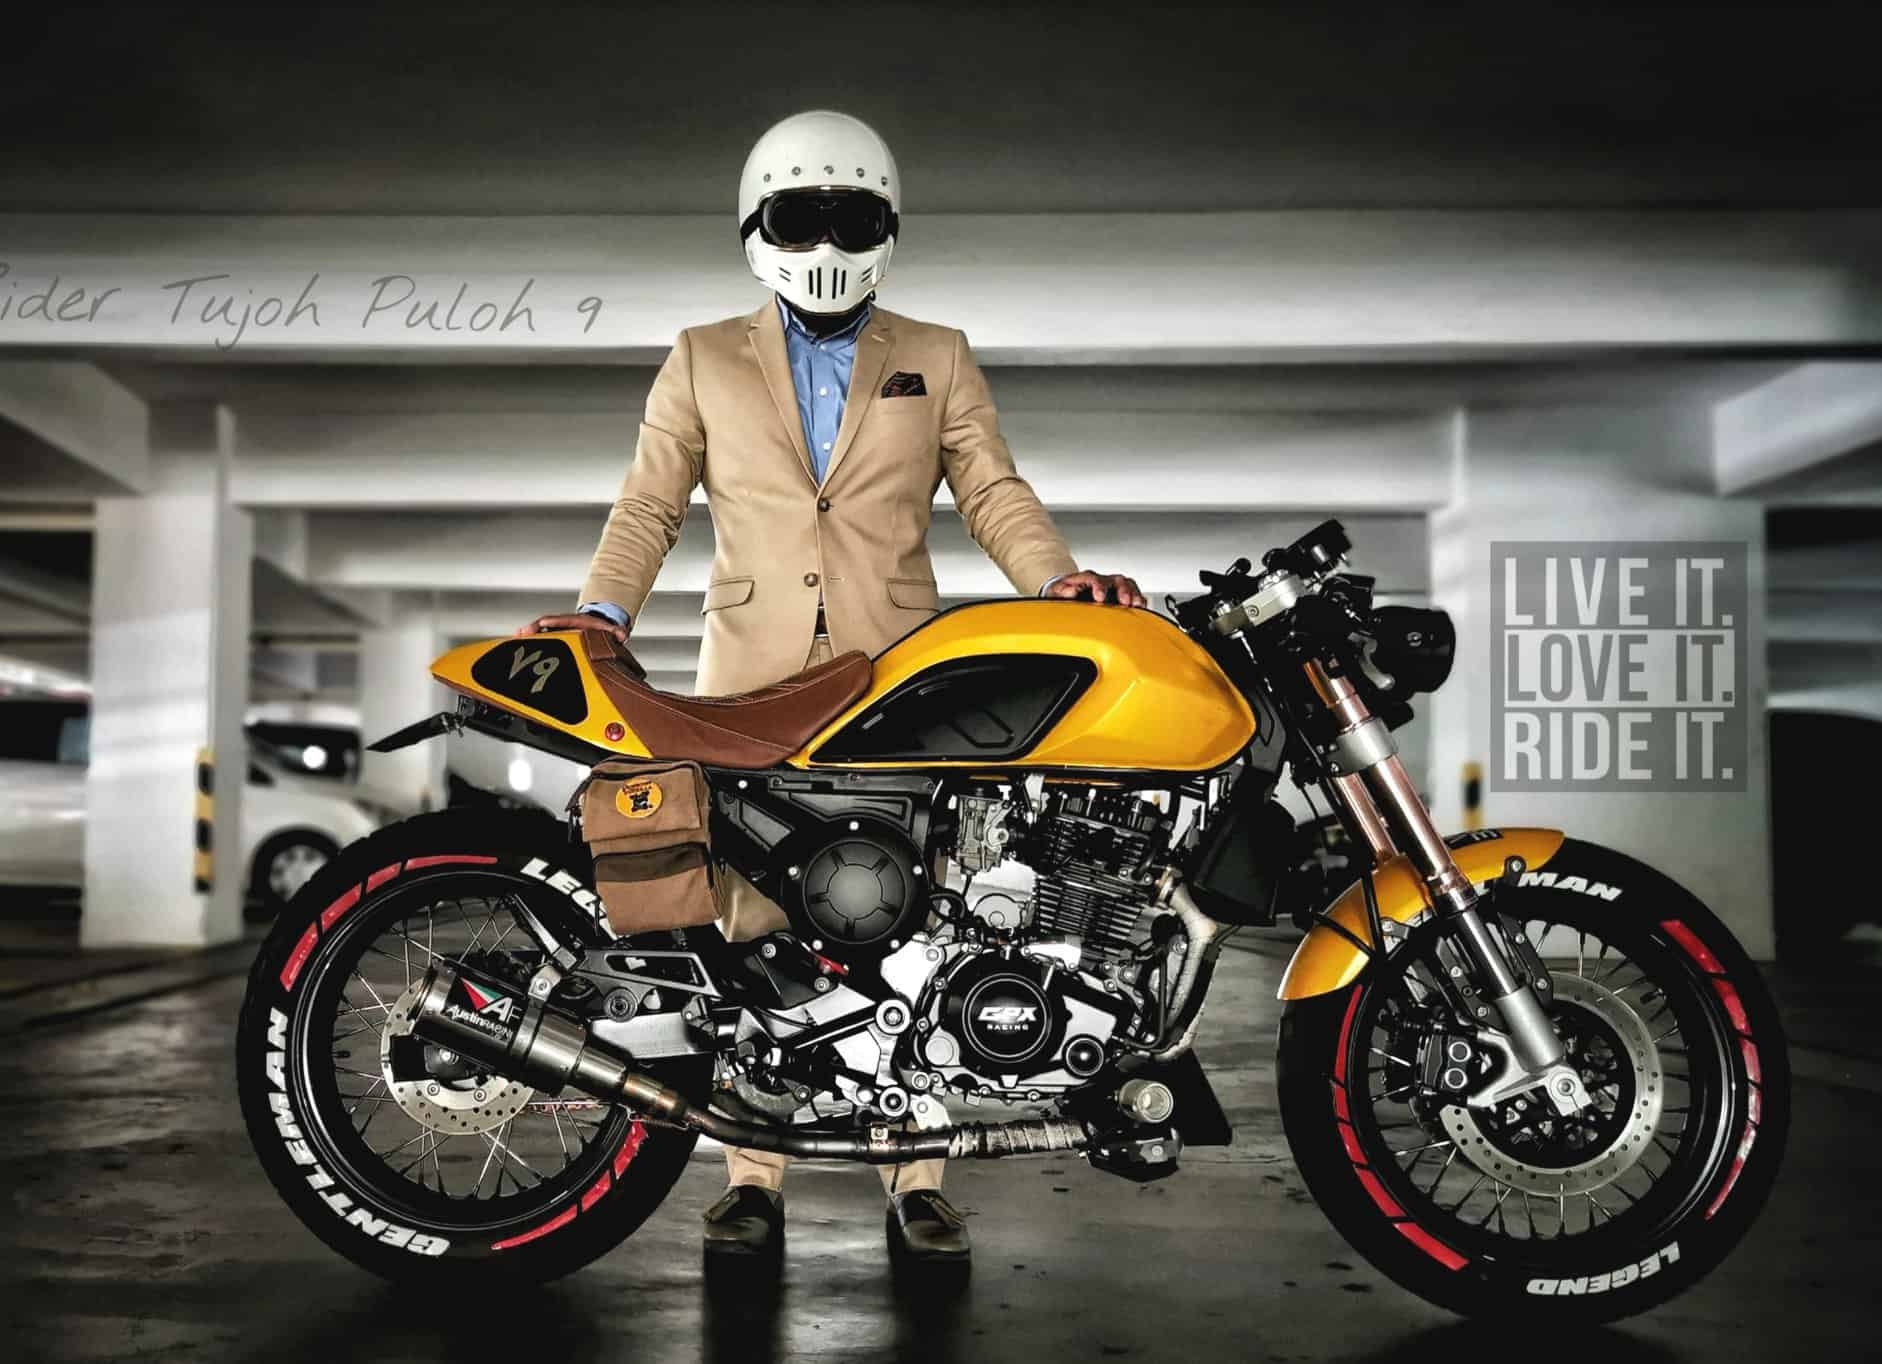 gpx rider 79